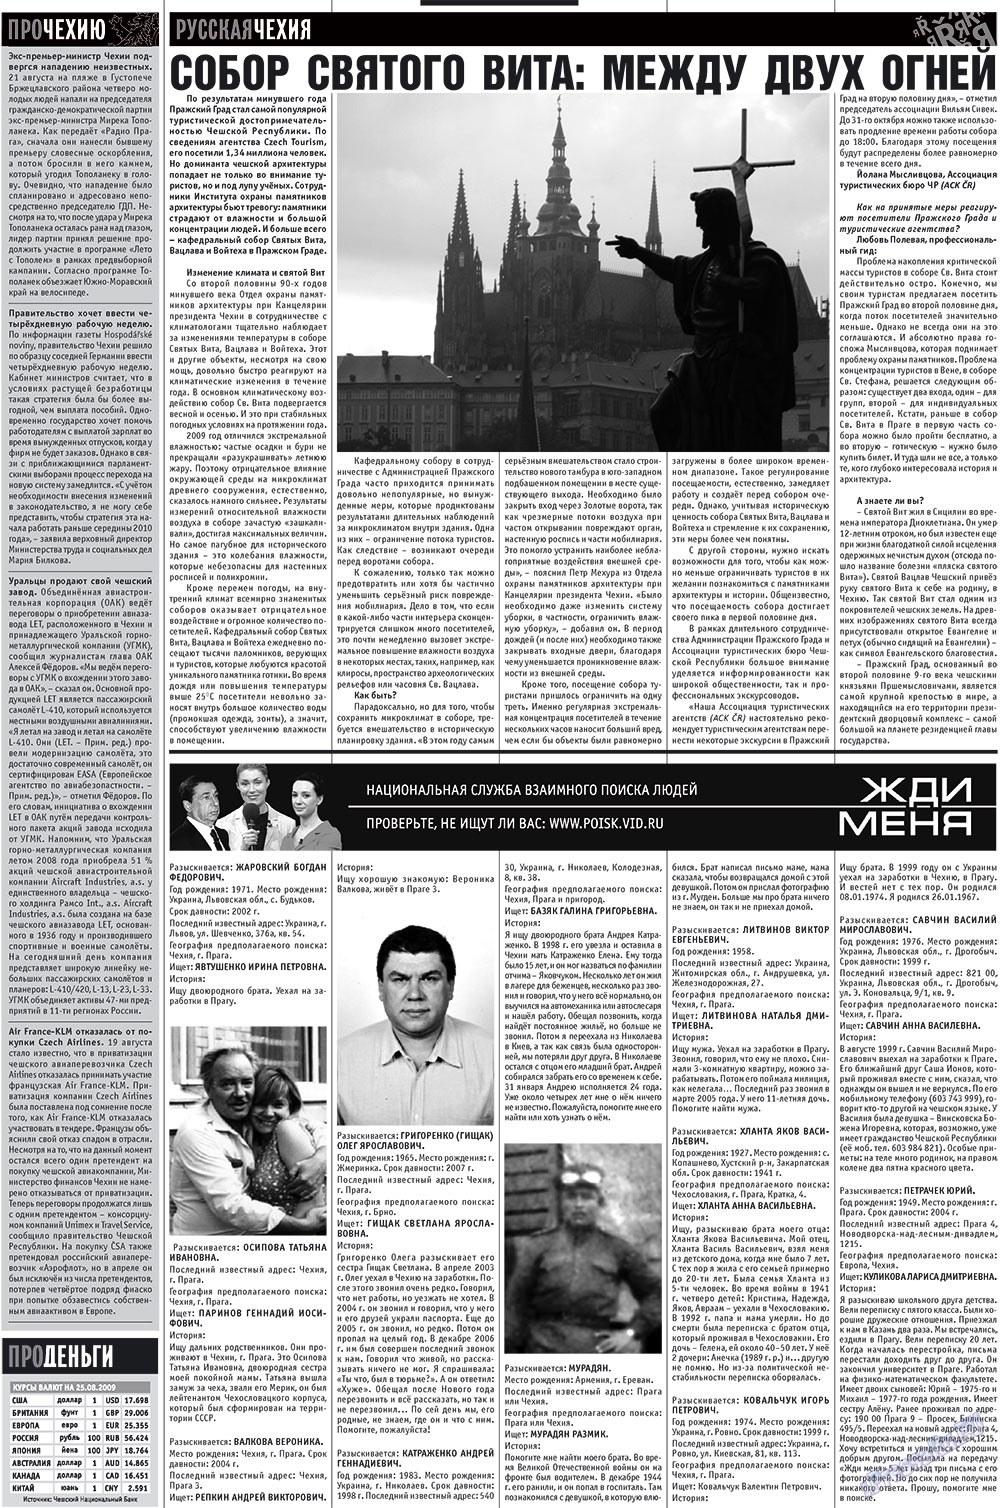 Пражский экспресс (газета). 2009 год, номер 34, стр. 2